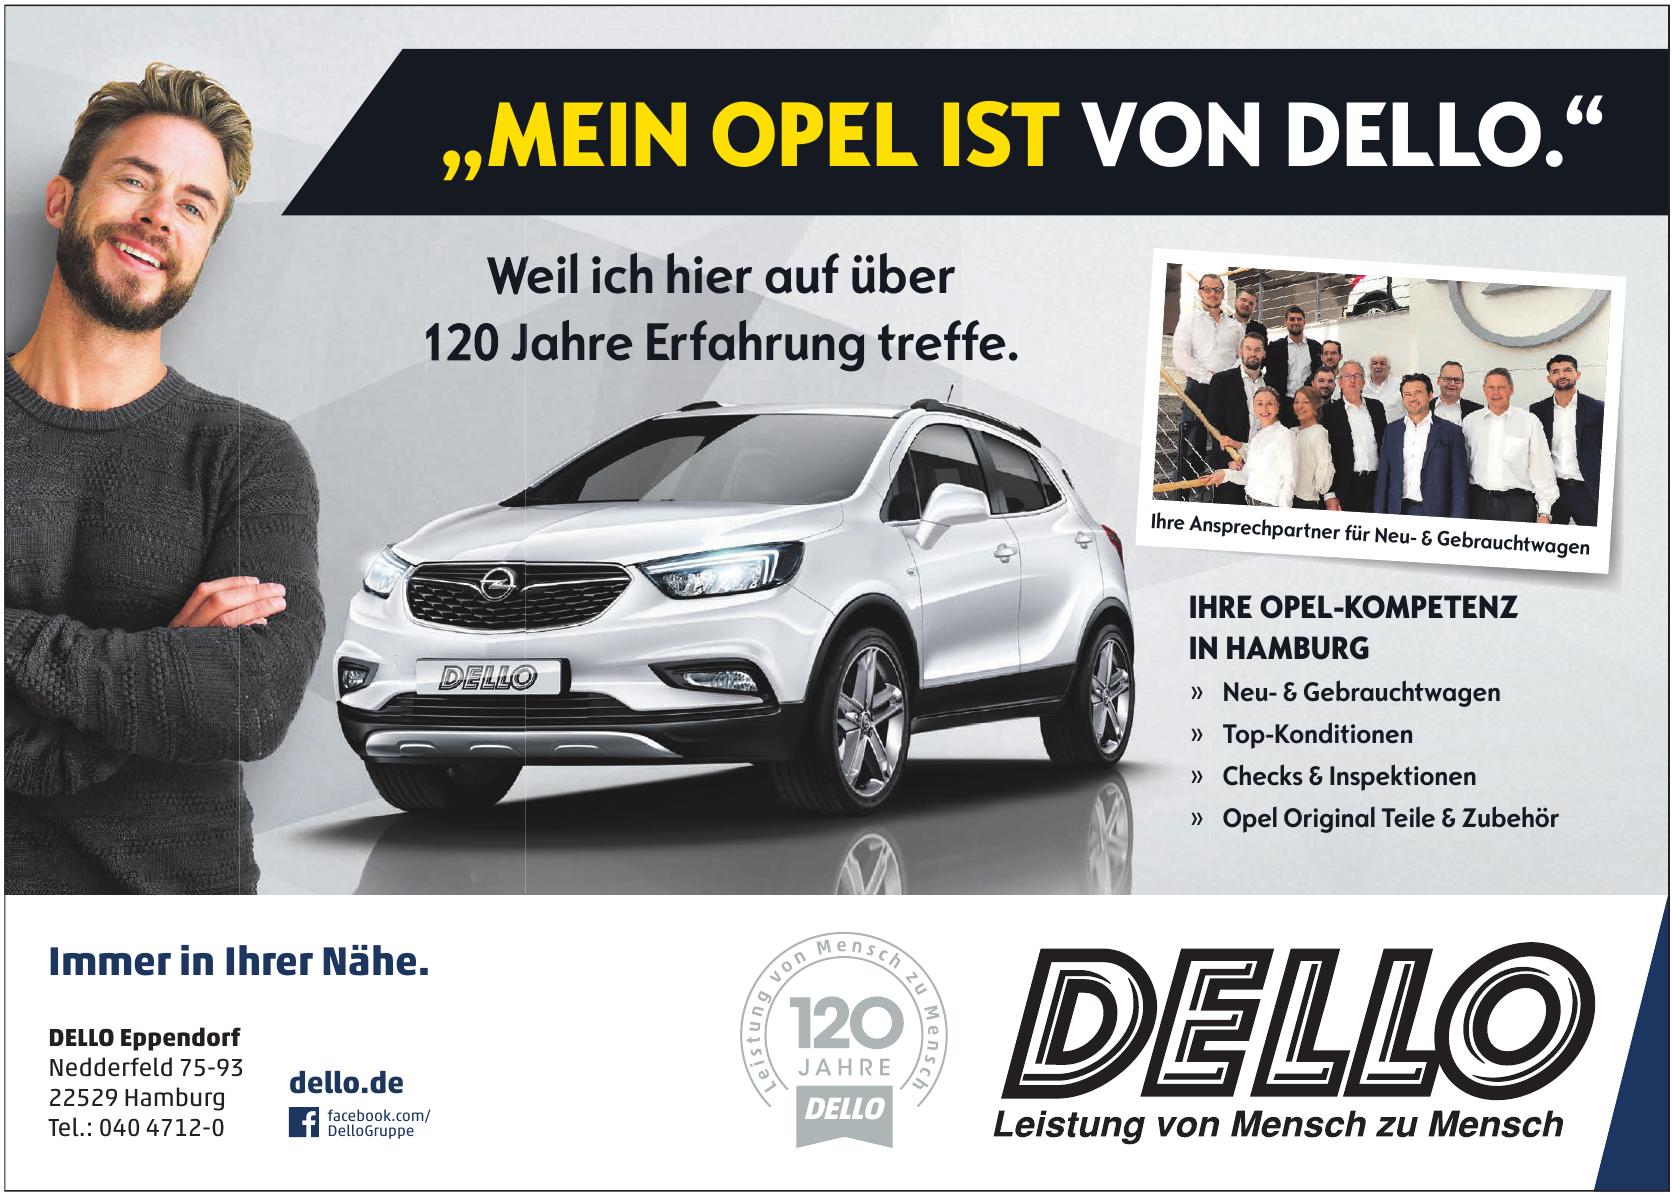 DELLO Eppendorf